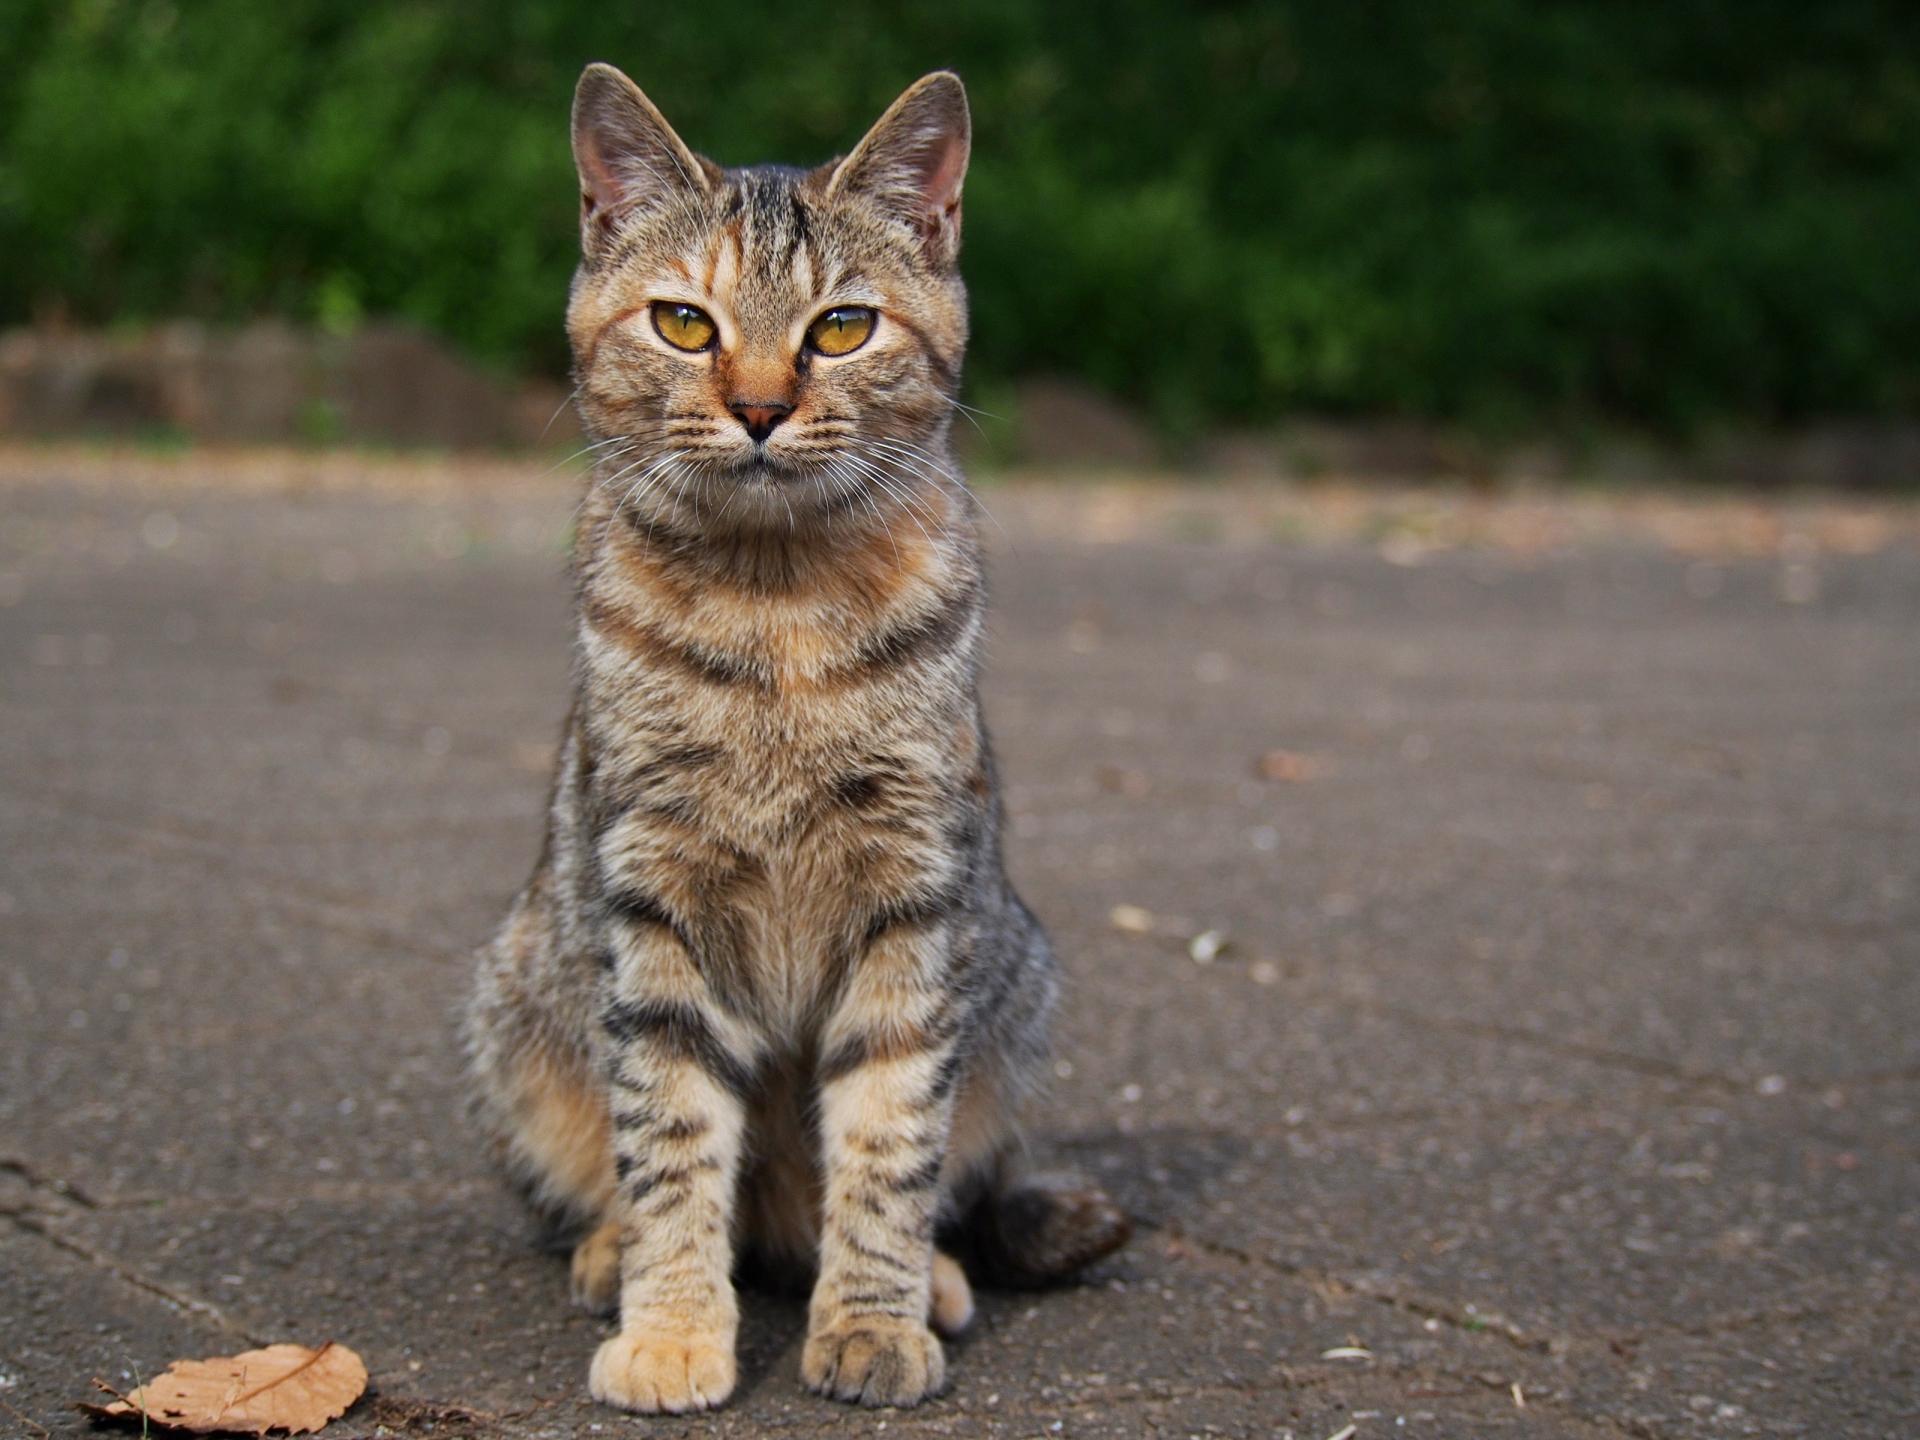 猫の里親になる前に知っておきたい7つの心構えとは